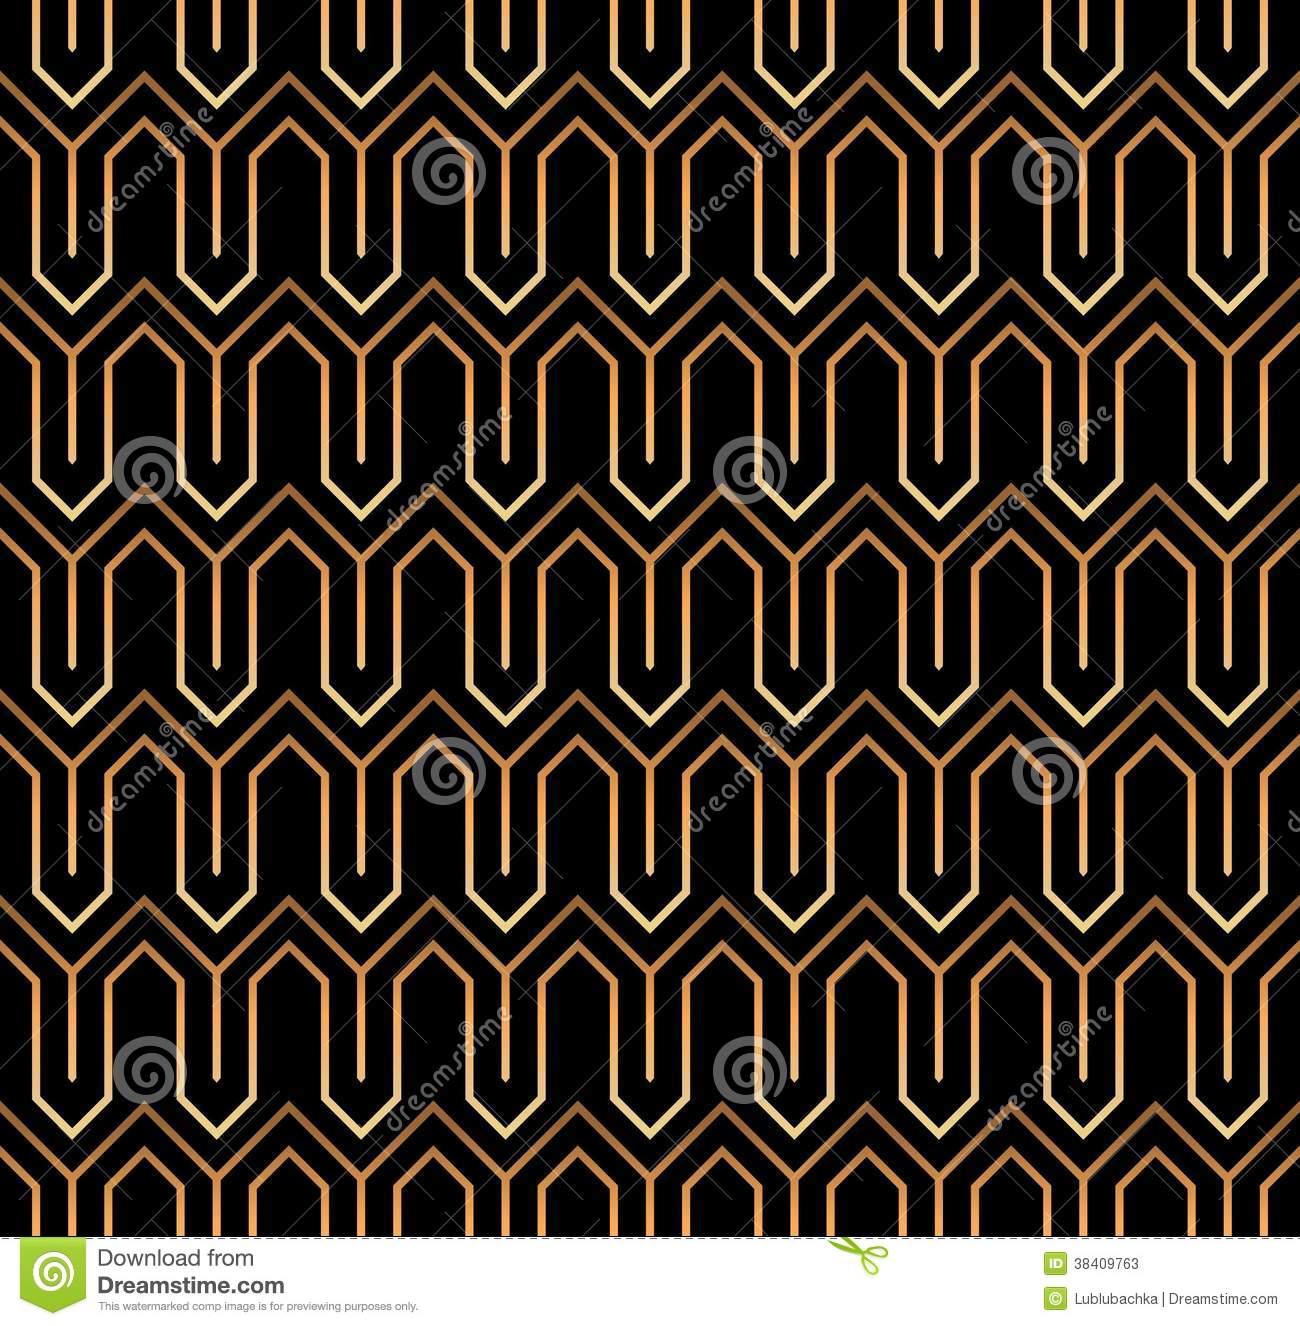 Deco Wallpaper Apps Directories 1300x1326